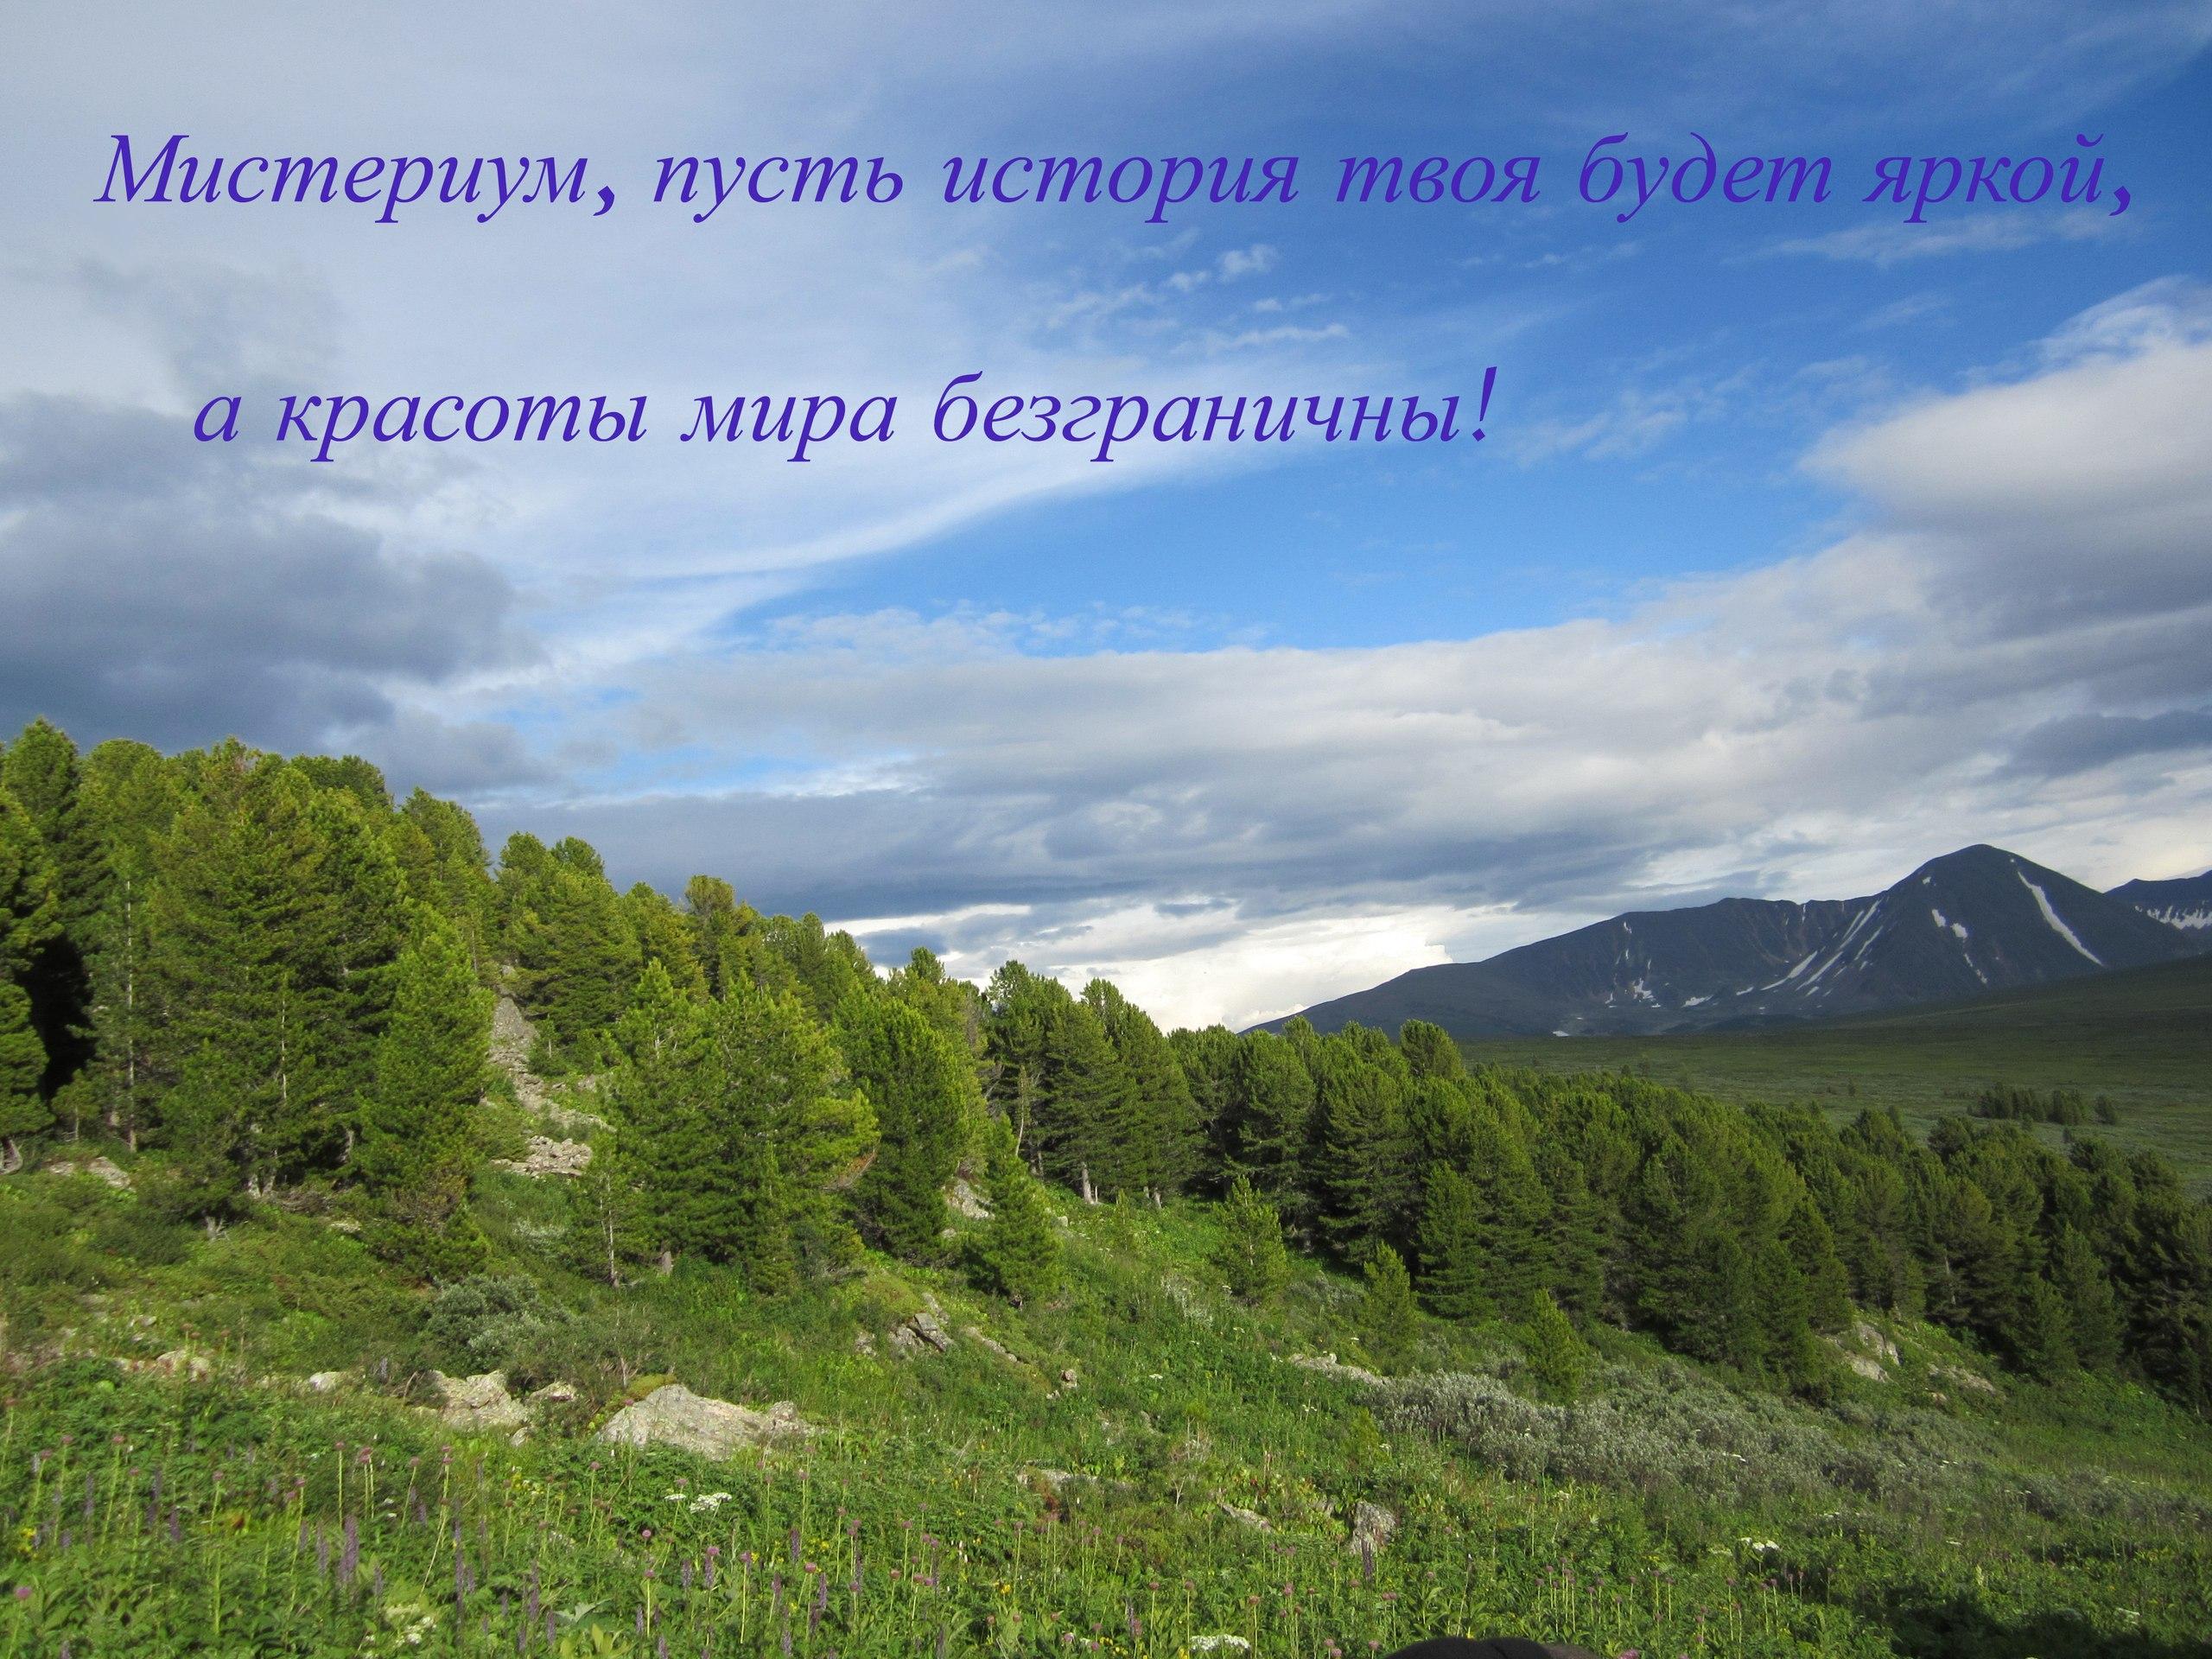 http://cs9444.vk.me/v9444314/248f/GIIarP7bbis.jpg